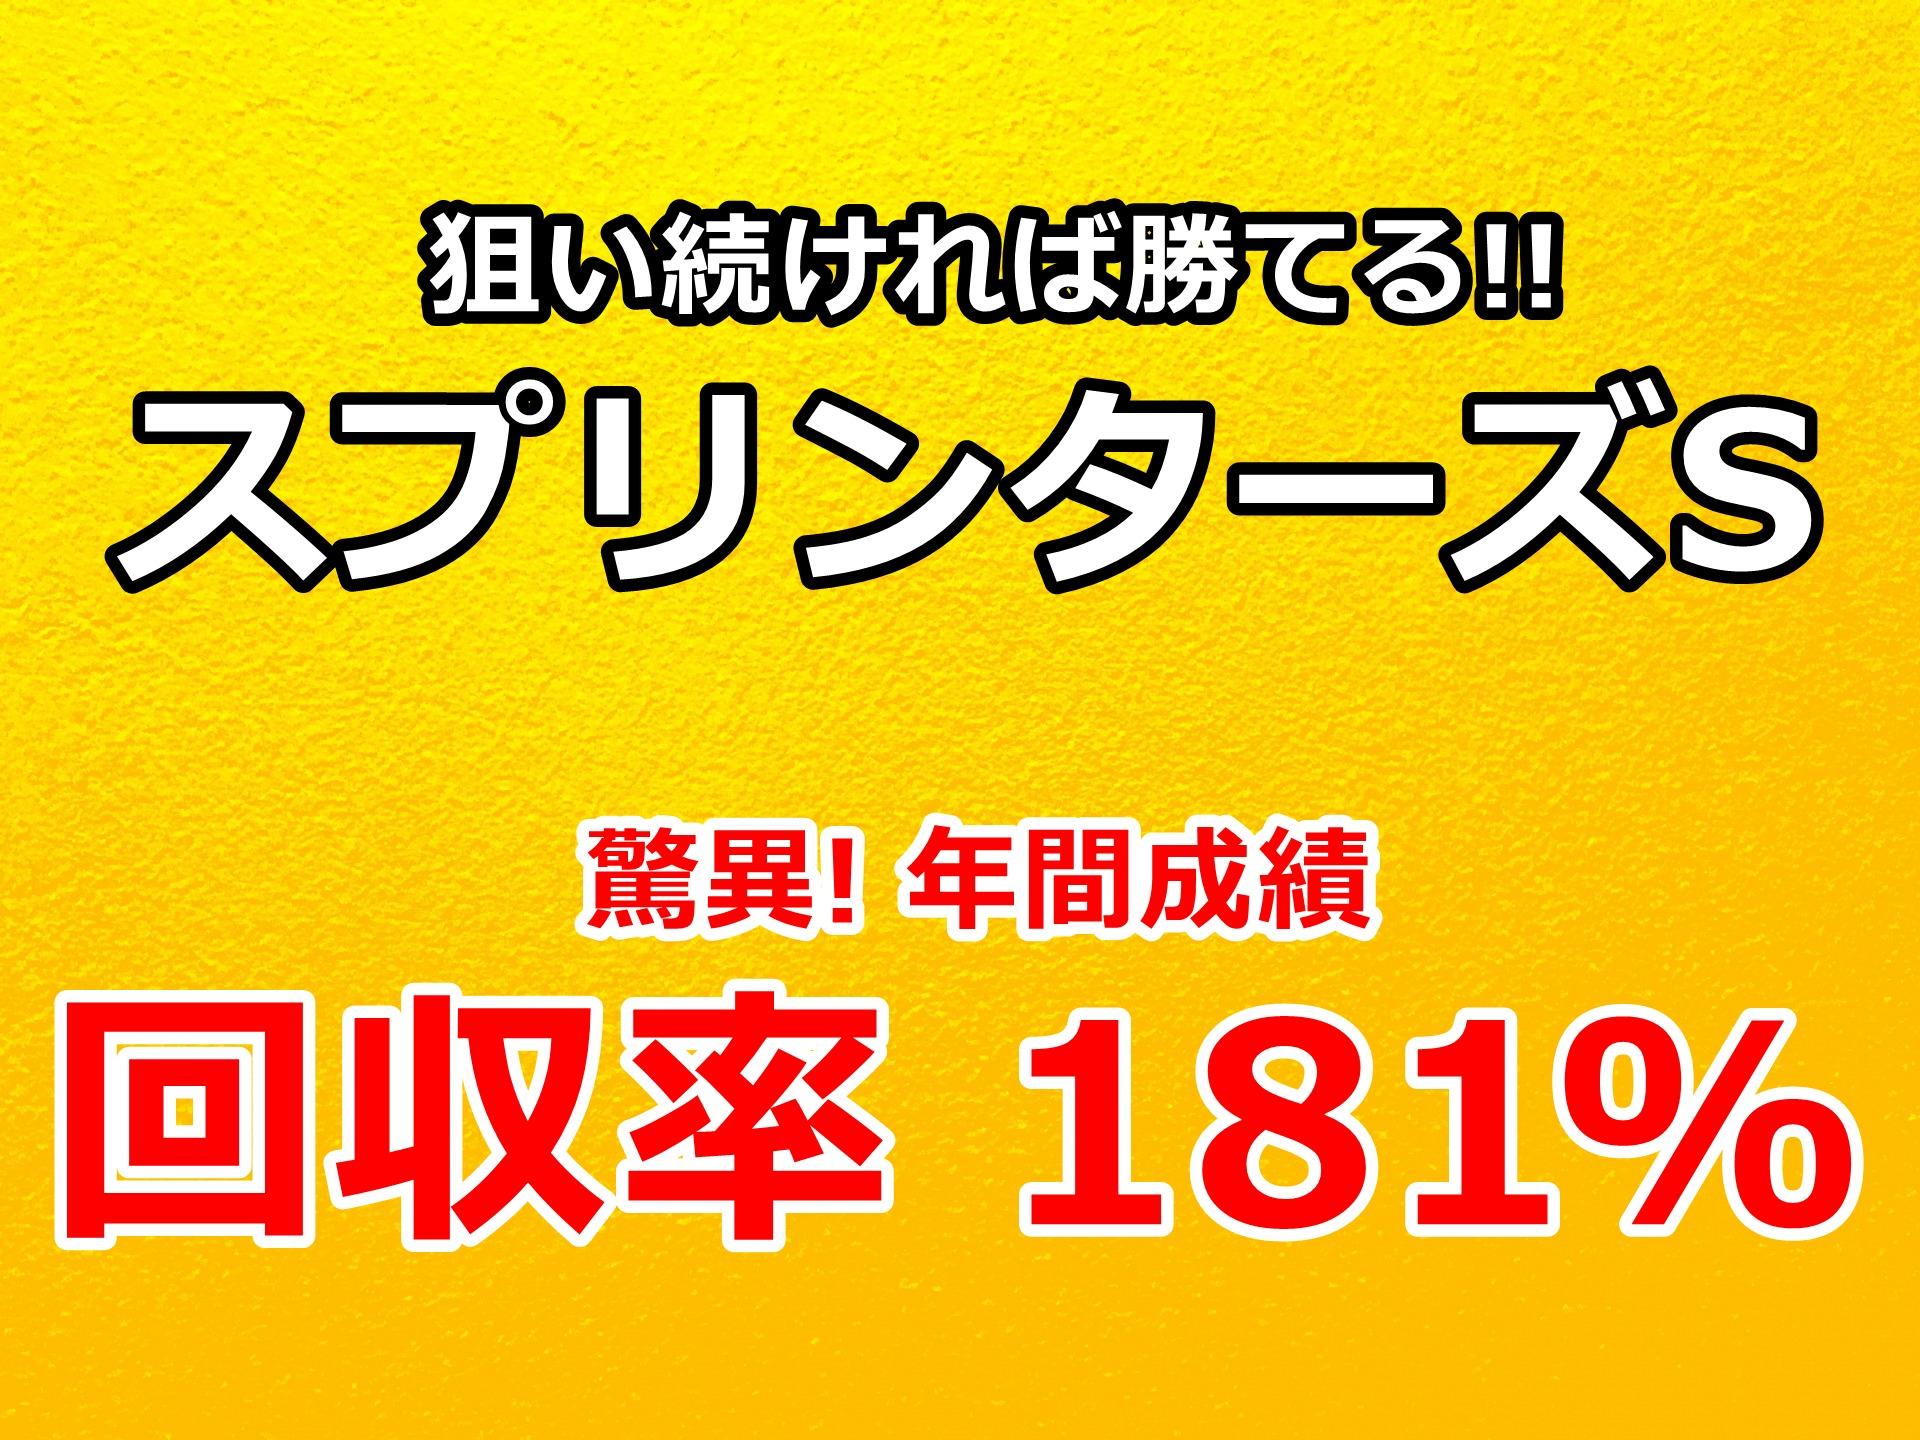 スプリンターズステークス2020 予想 【驚異! 年間回収率 181%】